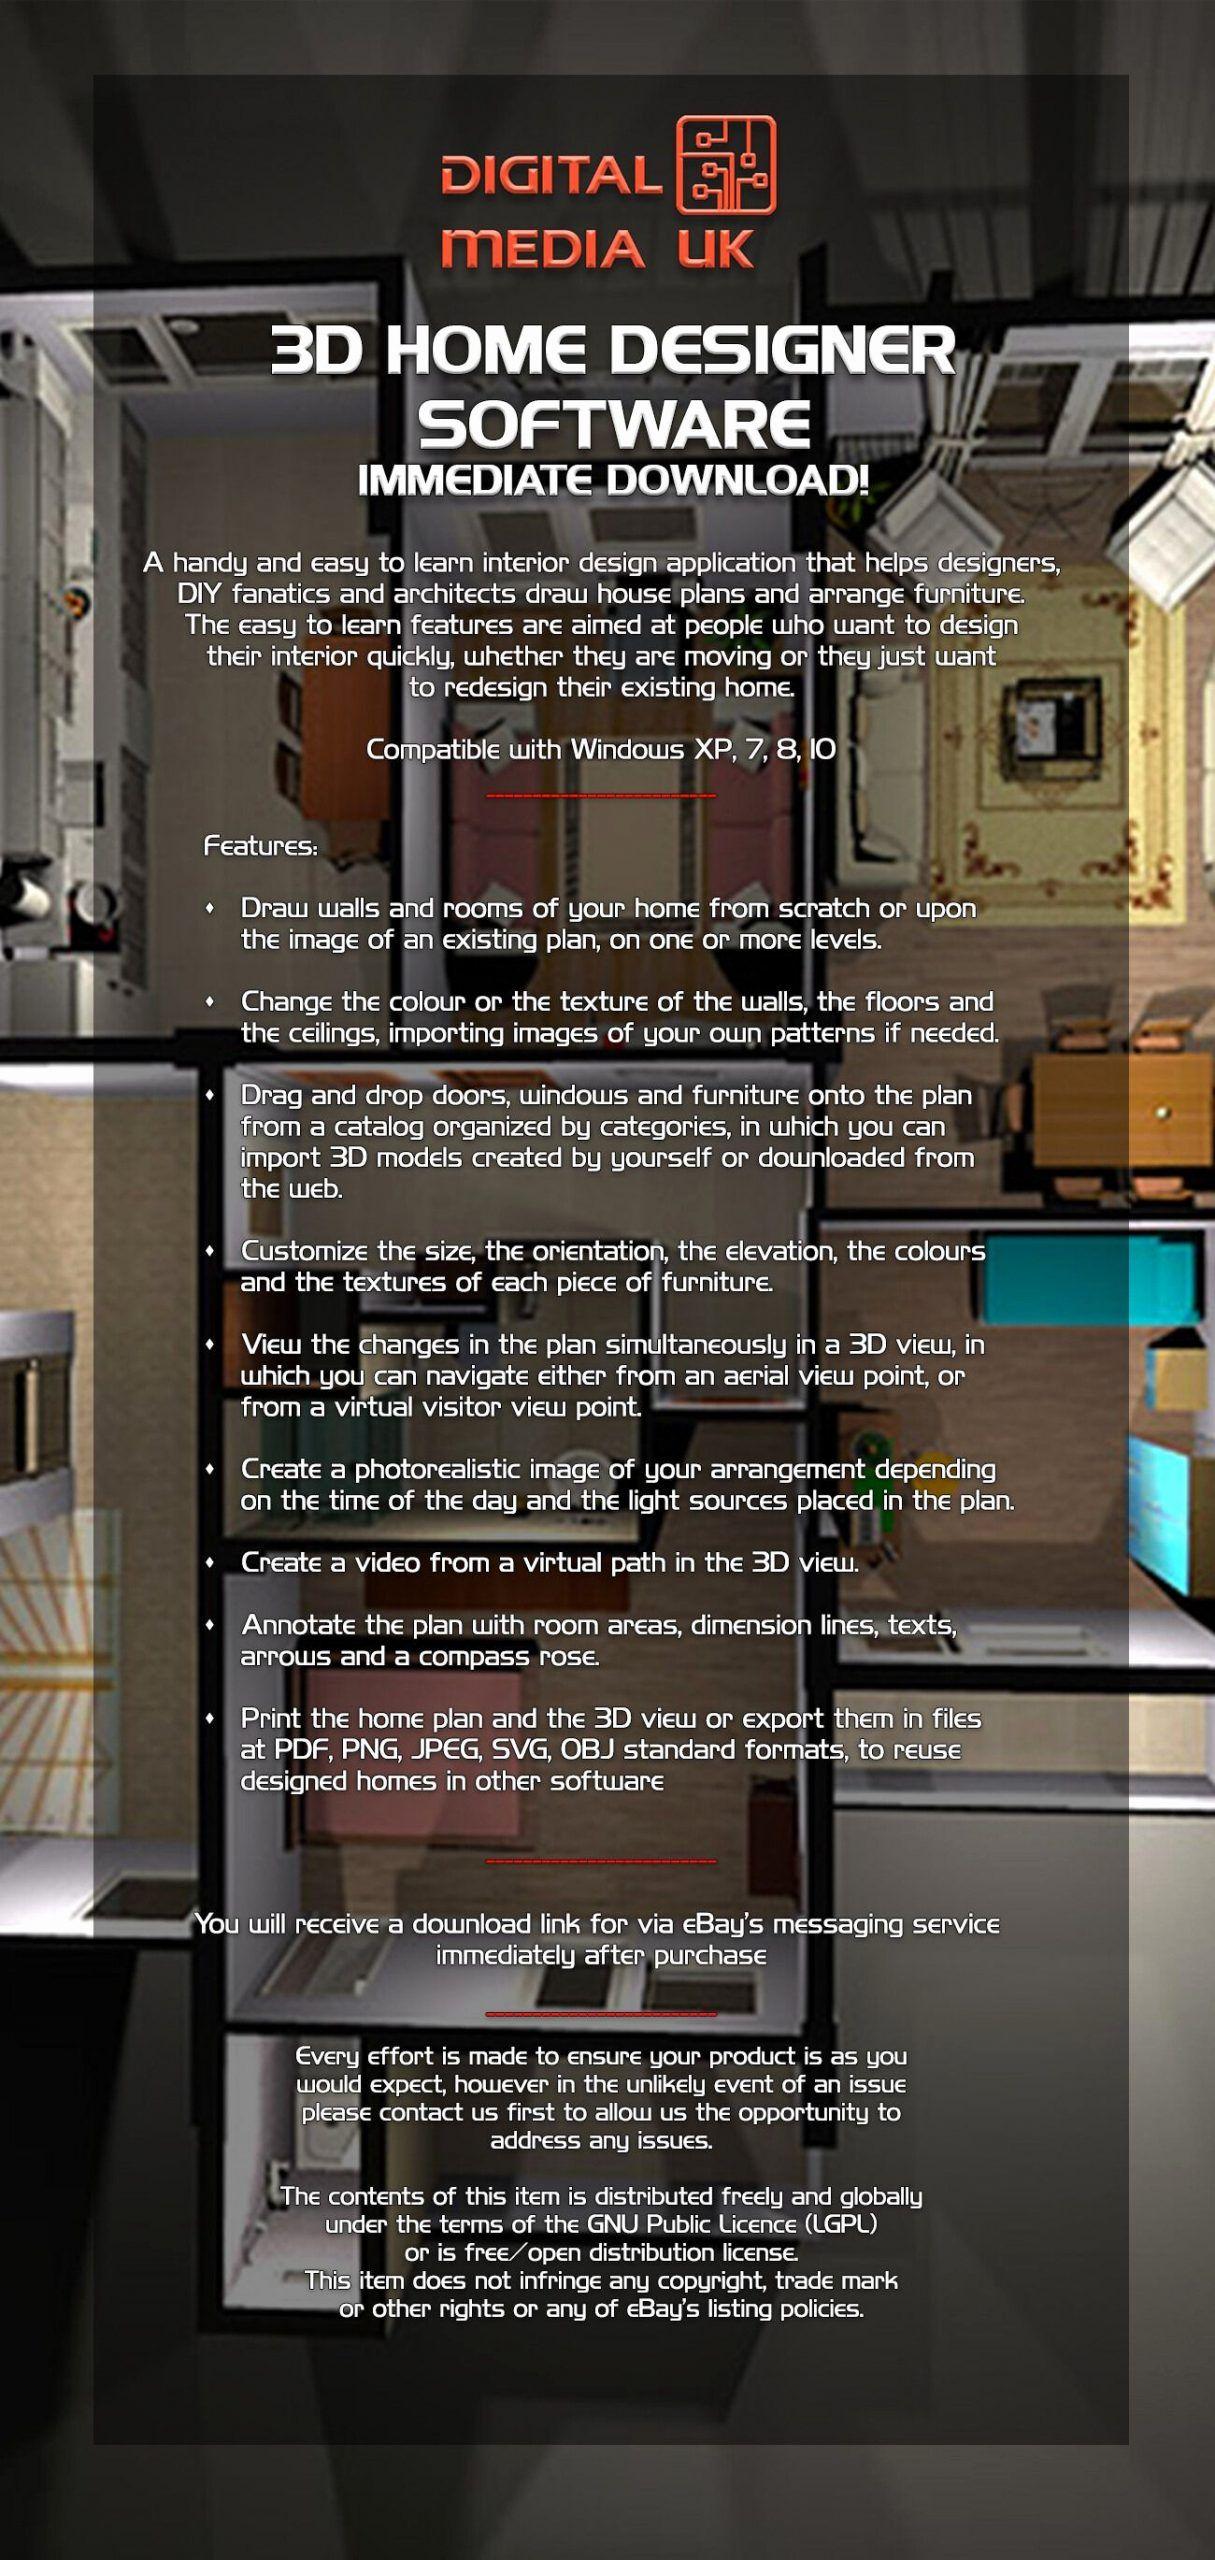 3d Home Design Software Free Download For Windows 7 Beautiful 3d House Plan Design Software Fre 3d Home Design Software Interior Design Software 3d Home Design